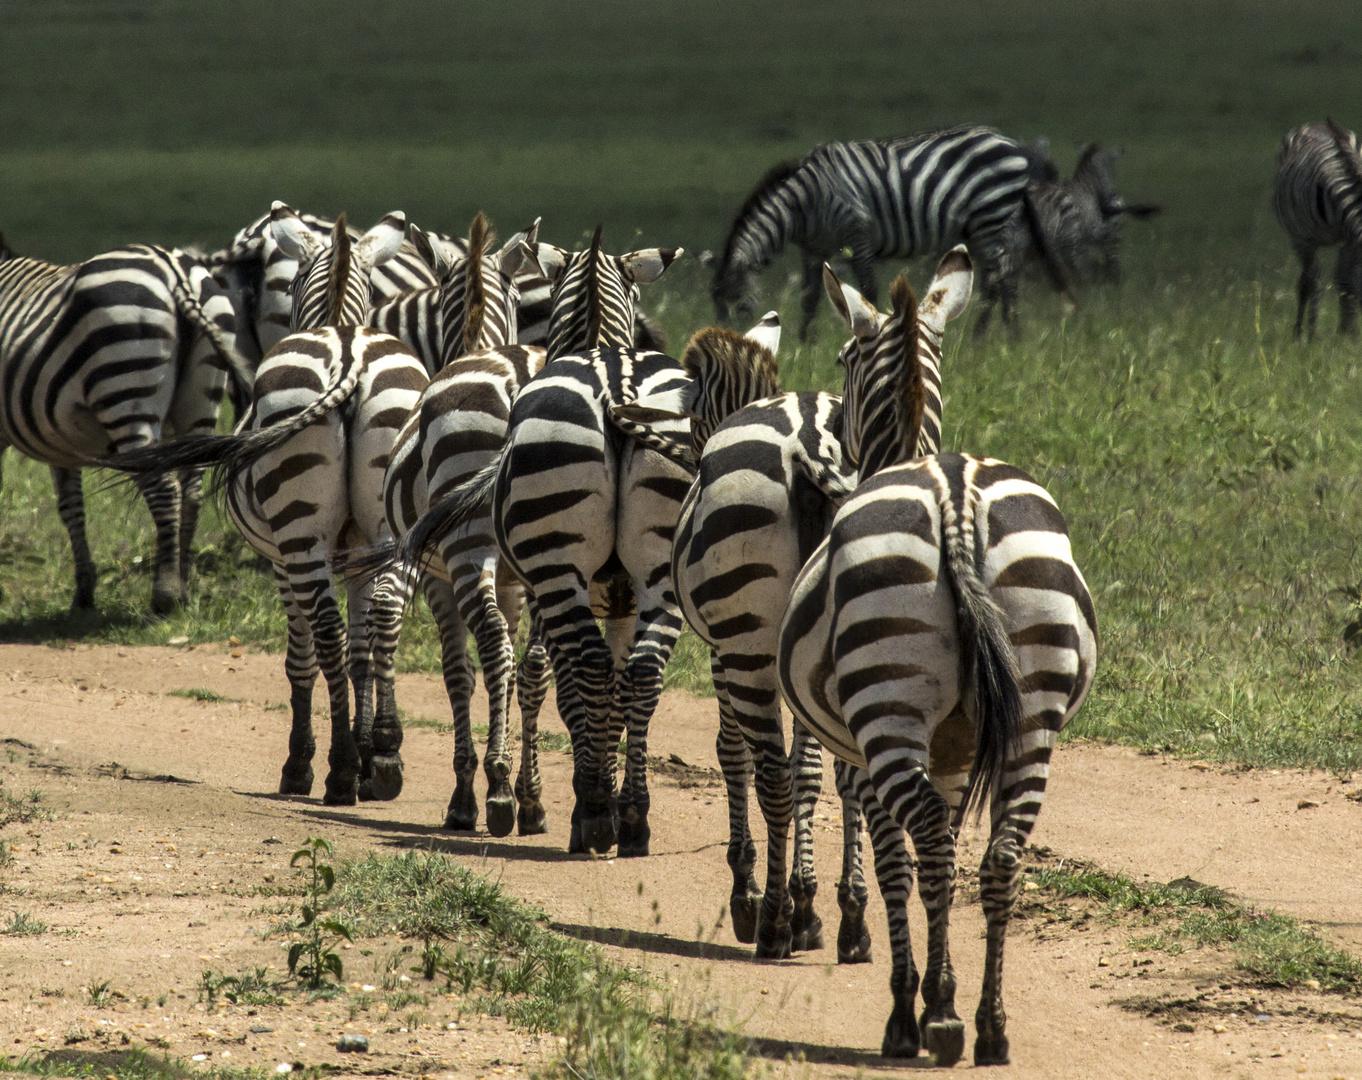 Zebras in Reihe